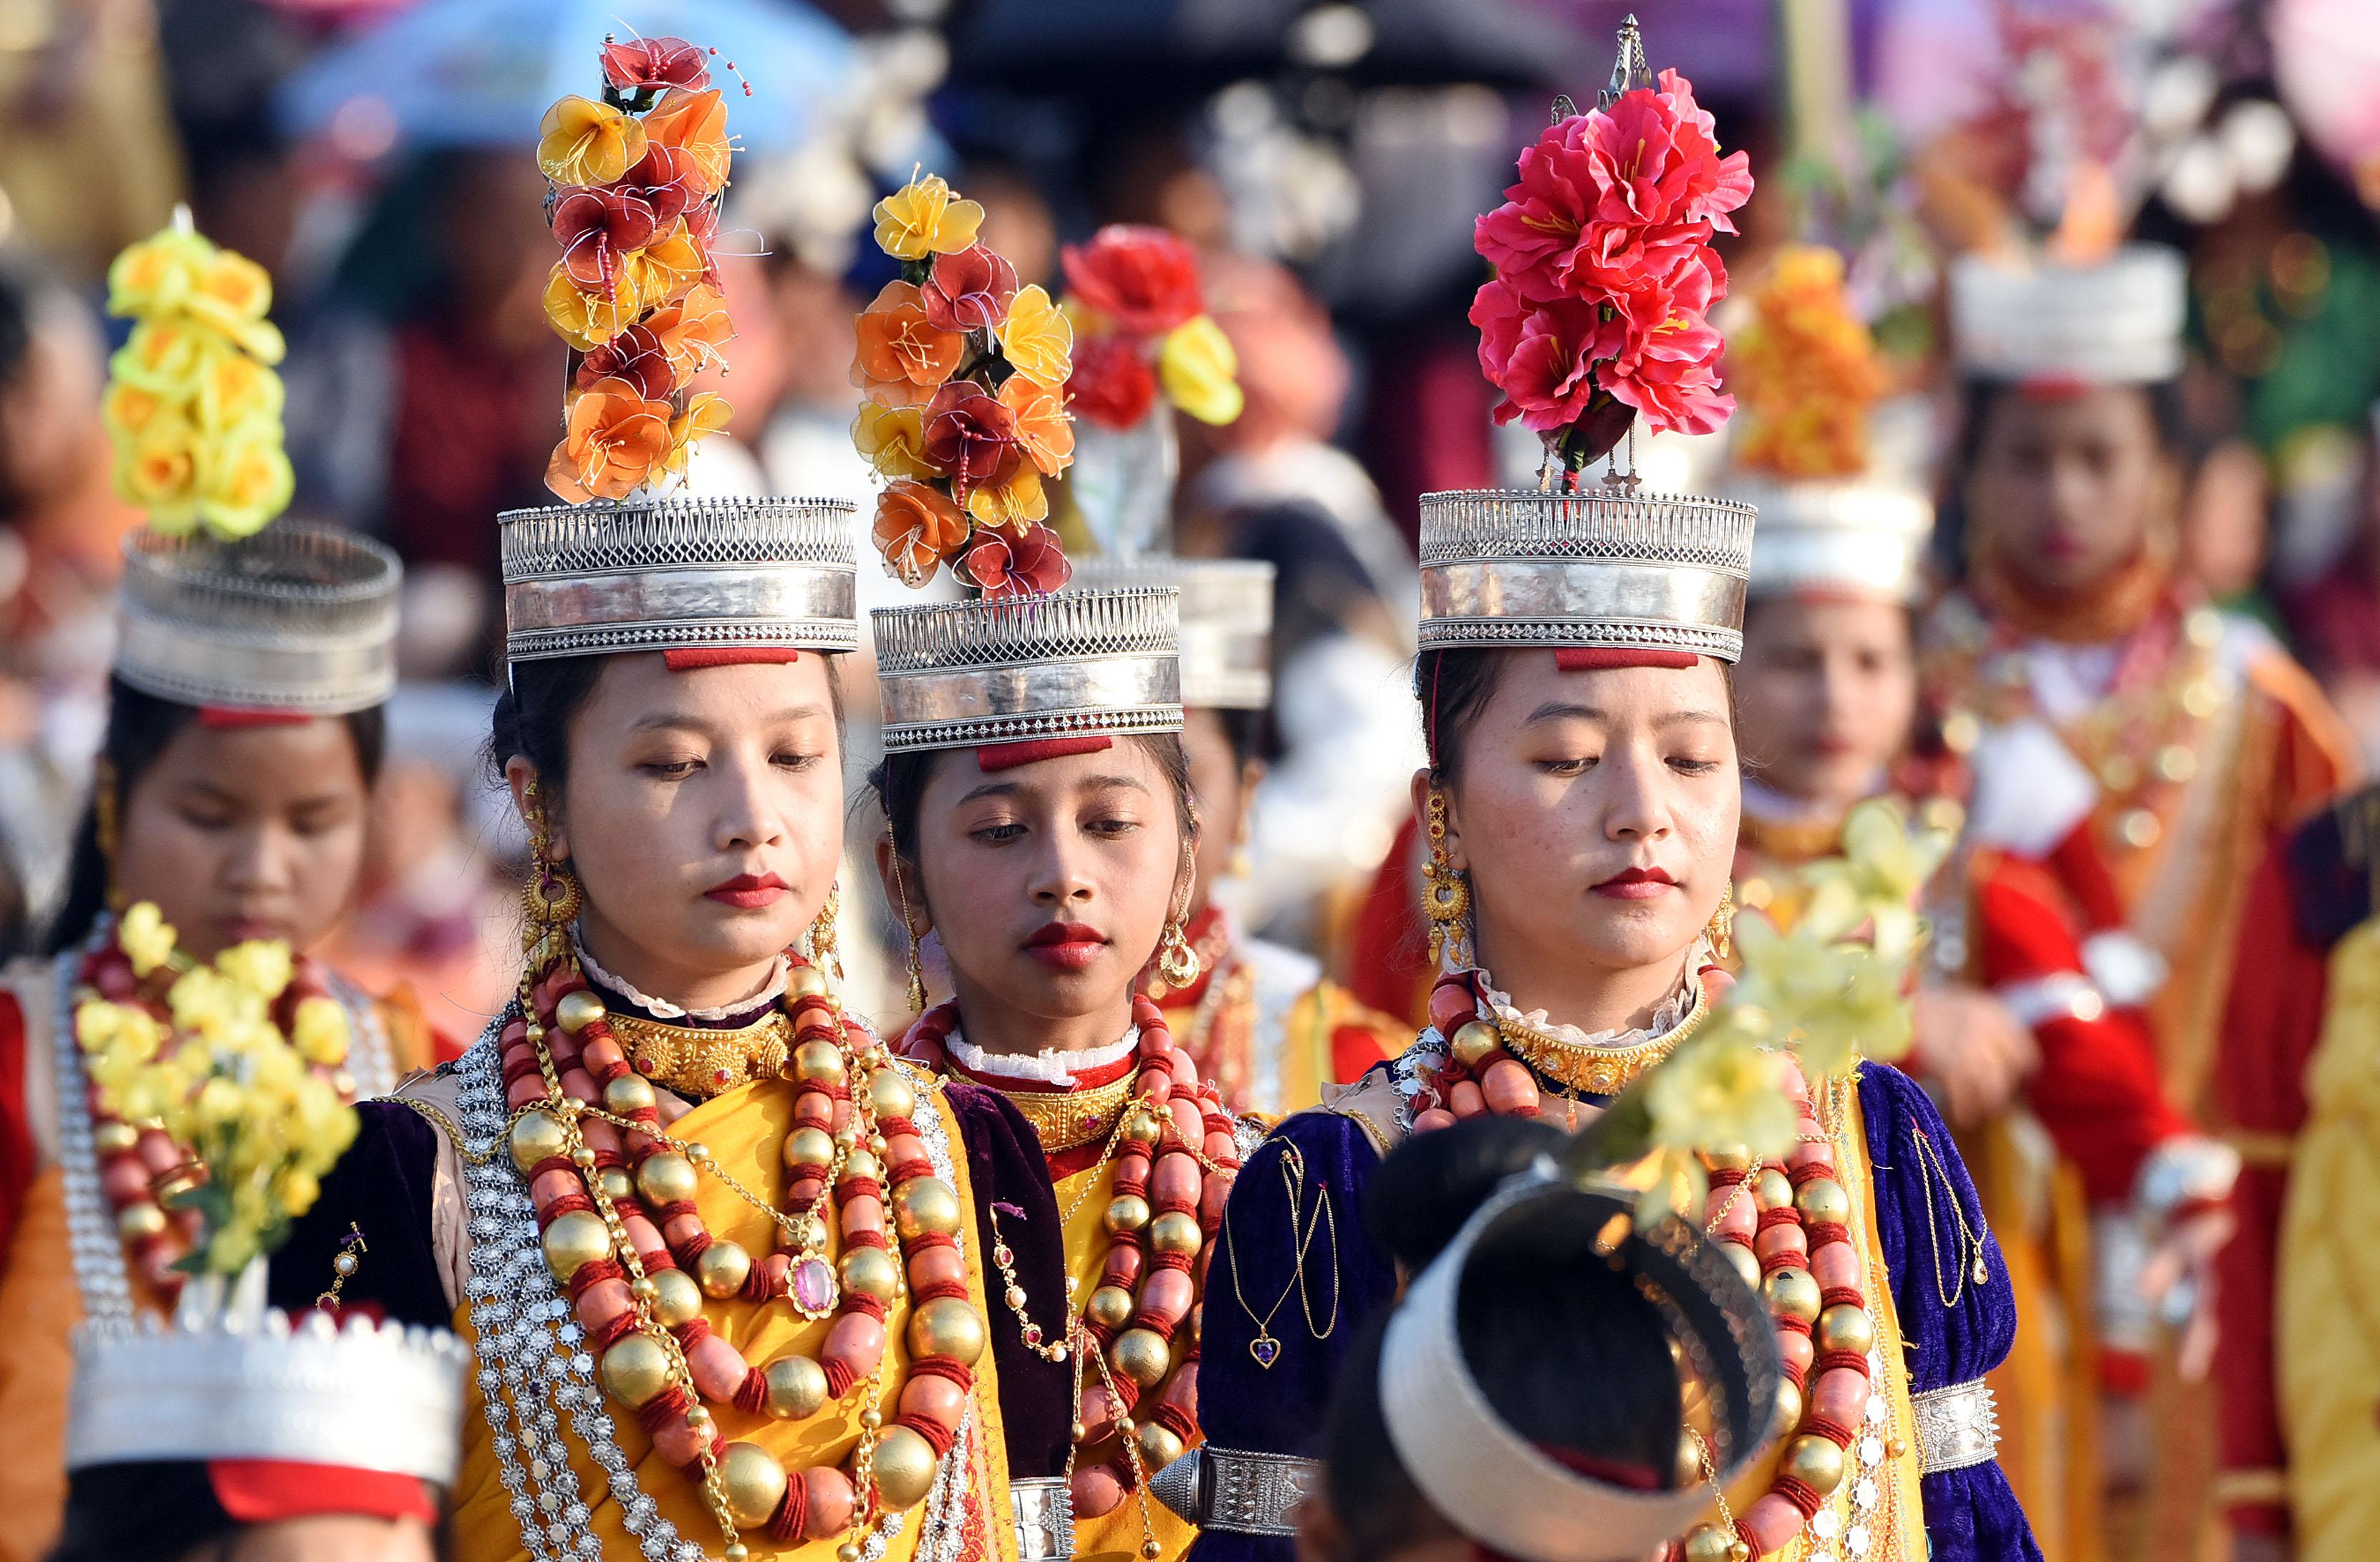 Shillong culture